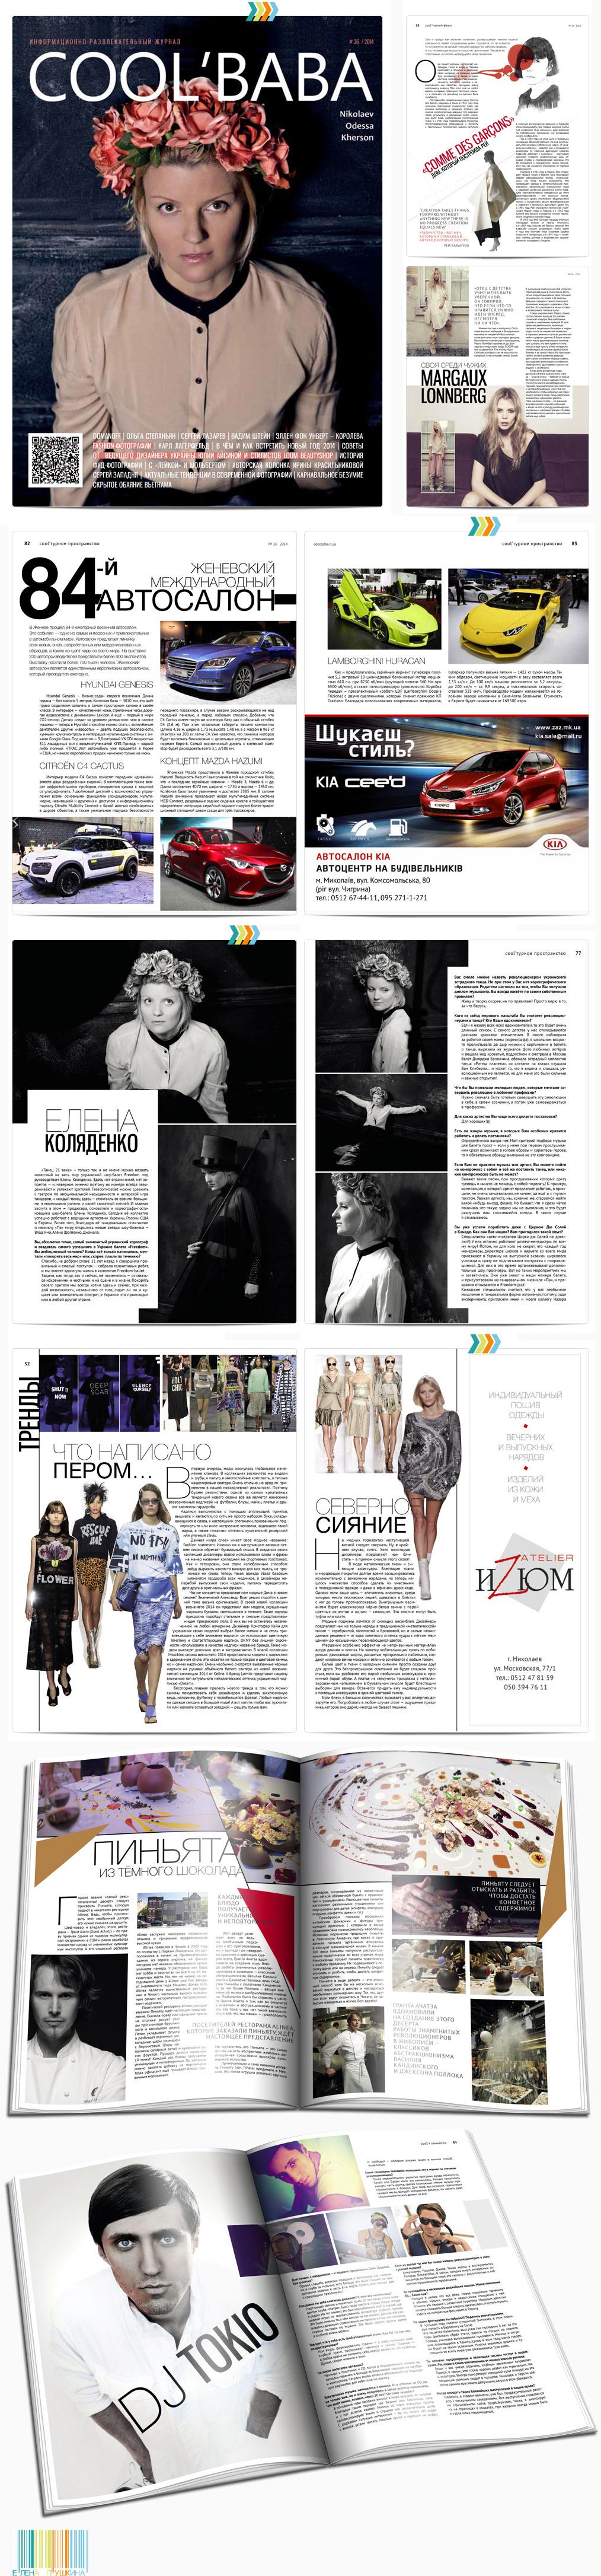 Глянцевый журнал «CoolBaba» №26 2014 — разработка дизайна и вёрстка журнала Разработка журналов Портфолио